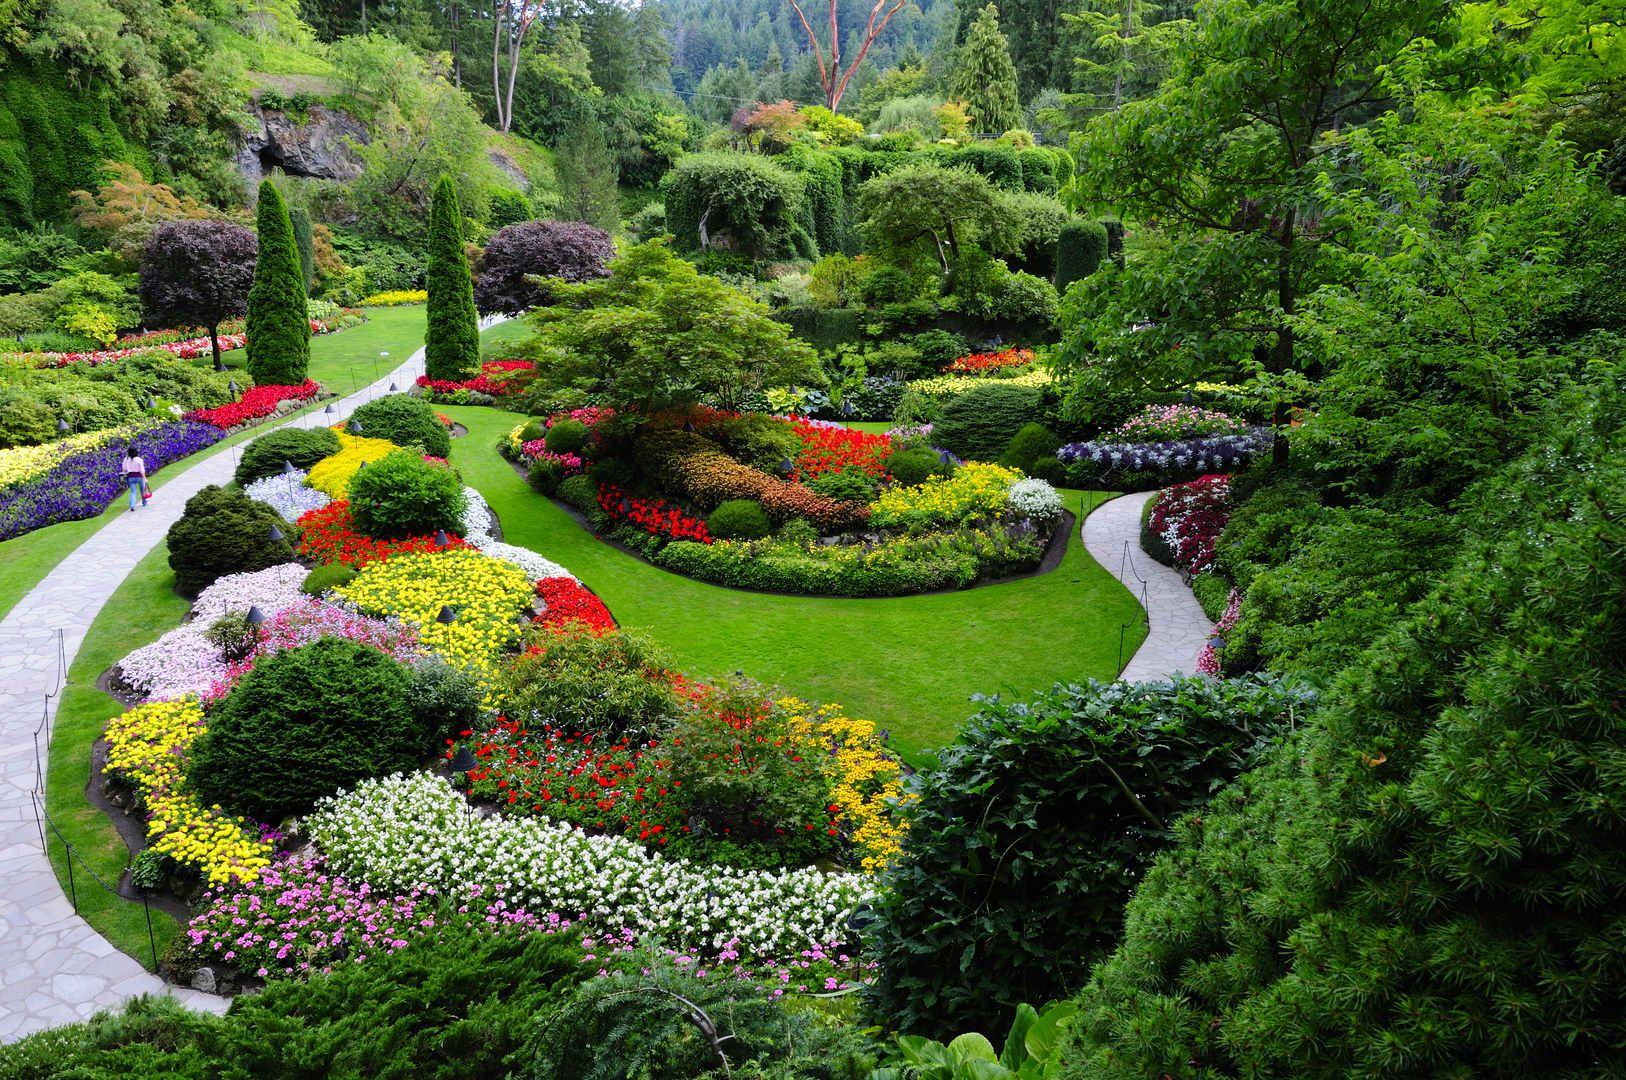 f9bdd0e8530b543d600f9e3e1eb2abbc - Vancouver To Victoria Butchart Gardens Tour